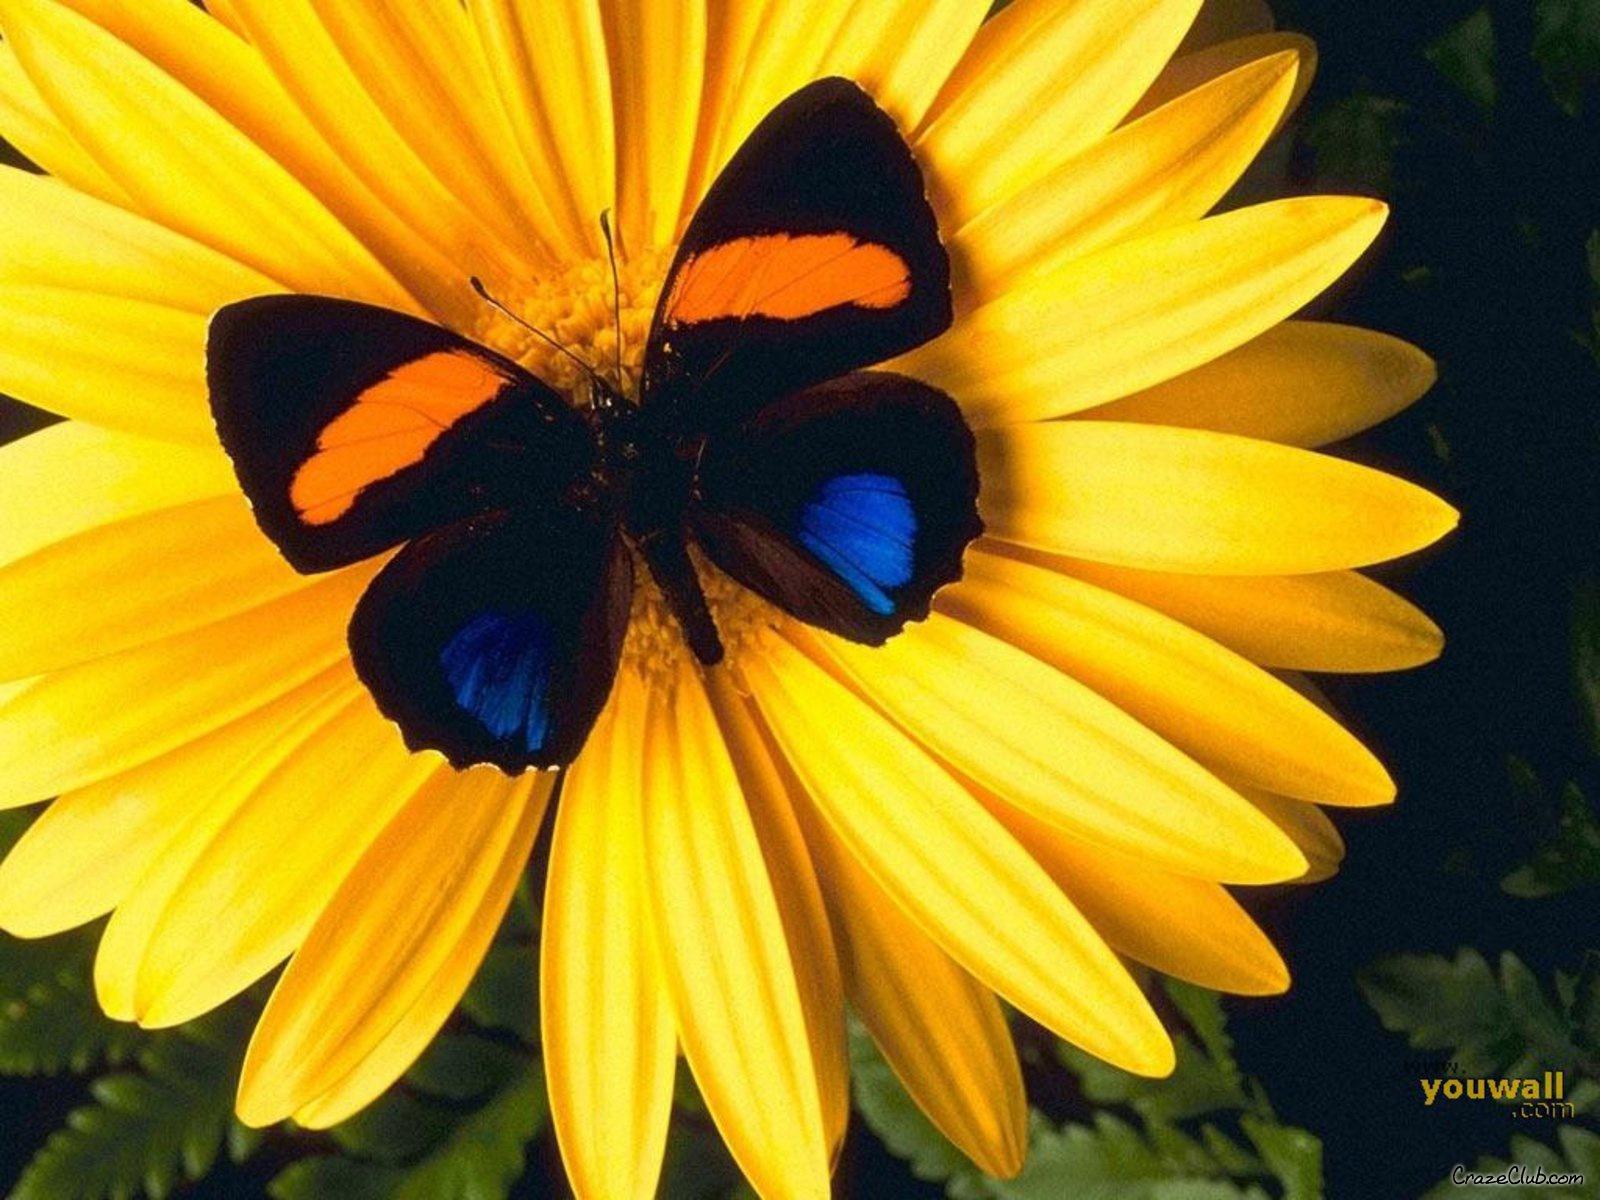 http://3.bp.blogspot.com/_c72kc4JbsgY/TOH--I1IEAI/AAAAAAAAERg/CBATGPKqvzY/s1600/butterfly-beautiful-wallpaper_1600x1200_87039.jpg